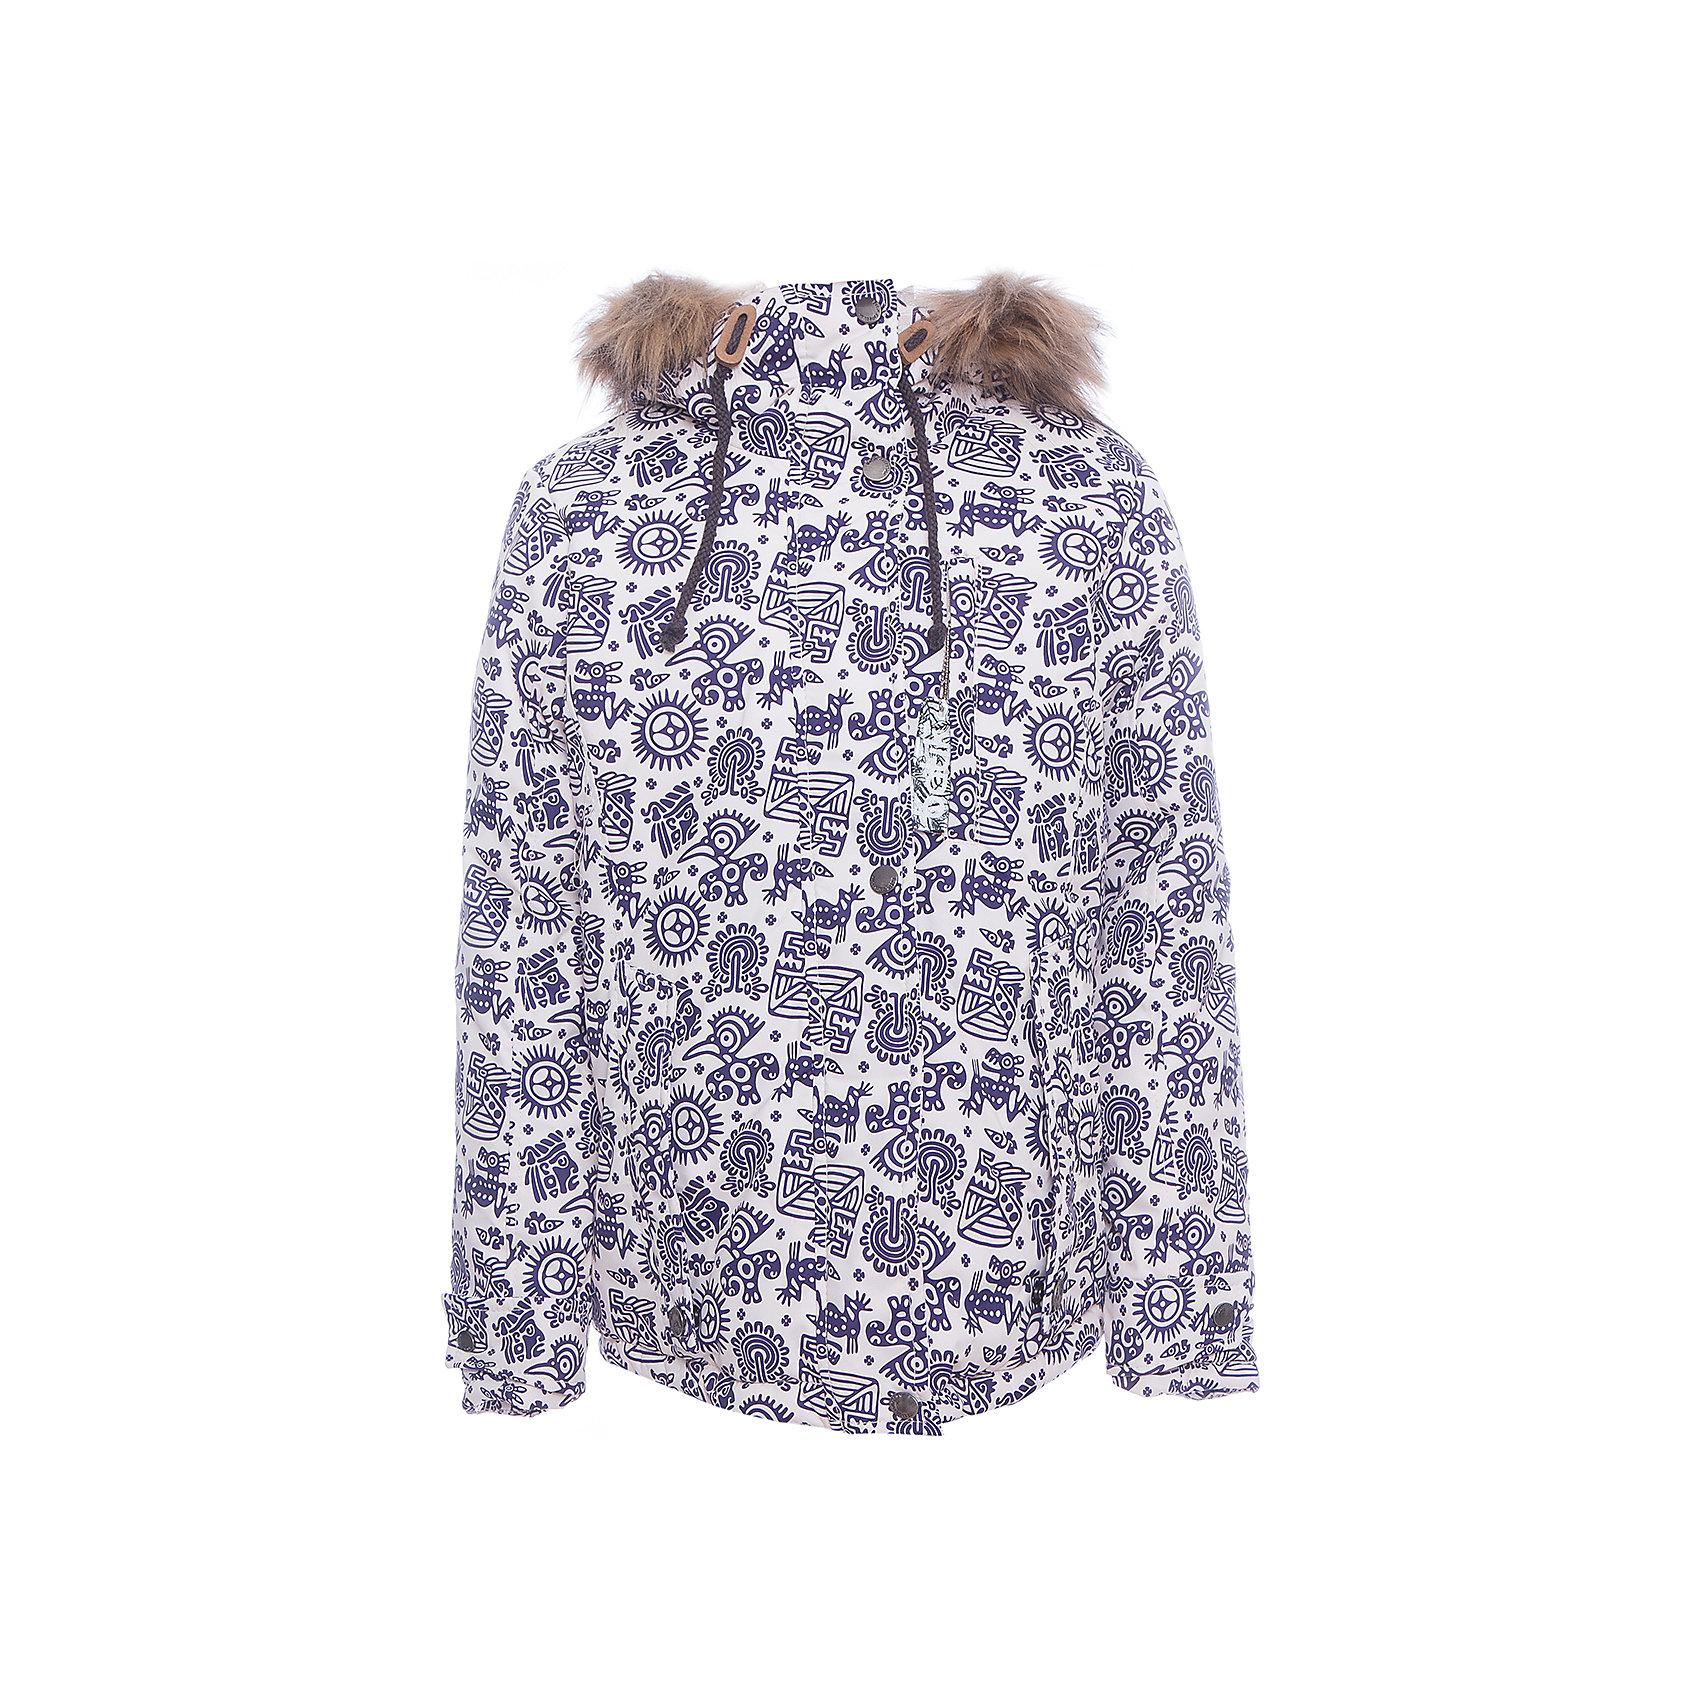 Куртка Мэй Batik для девочкиВерхняя одежда<br>Куртка Мэй Batik для девочки <br>Зимняя куртка прямого кроя. Верхняя мембранная ткань обладает водоотталкивающими и ветрозащитными свойствами. Куртка на молнии с ветрозащитной планкой на кнопках, внутри имеется кулиска для регулировки талии. Капюшон со съемной опушкой.<br>Состав:<br>Ткань верха - TASLON OXFORD;  Утеплитель - Слайтекс 300;  Подкладка - Полар флис;<br><br>Ширина мм: 356<br>Глубина мм: 10<br>Высота мм: 245<br>Вес г: 519<br>Цвет: бежевый<br>Возраст от месяцев: 156<br>Возраст до месяцев: 168<br>Пол: Женский<br>Возраст: Детский<br>Размер: 164,152,158<br>SKU: 7028246